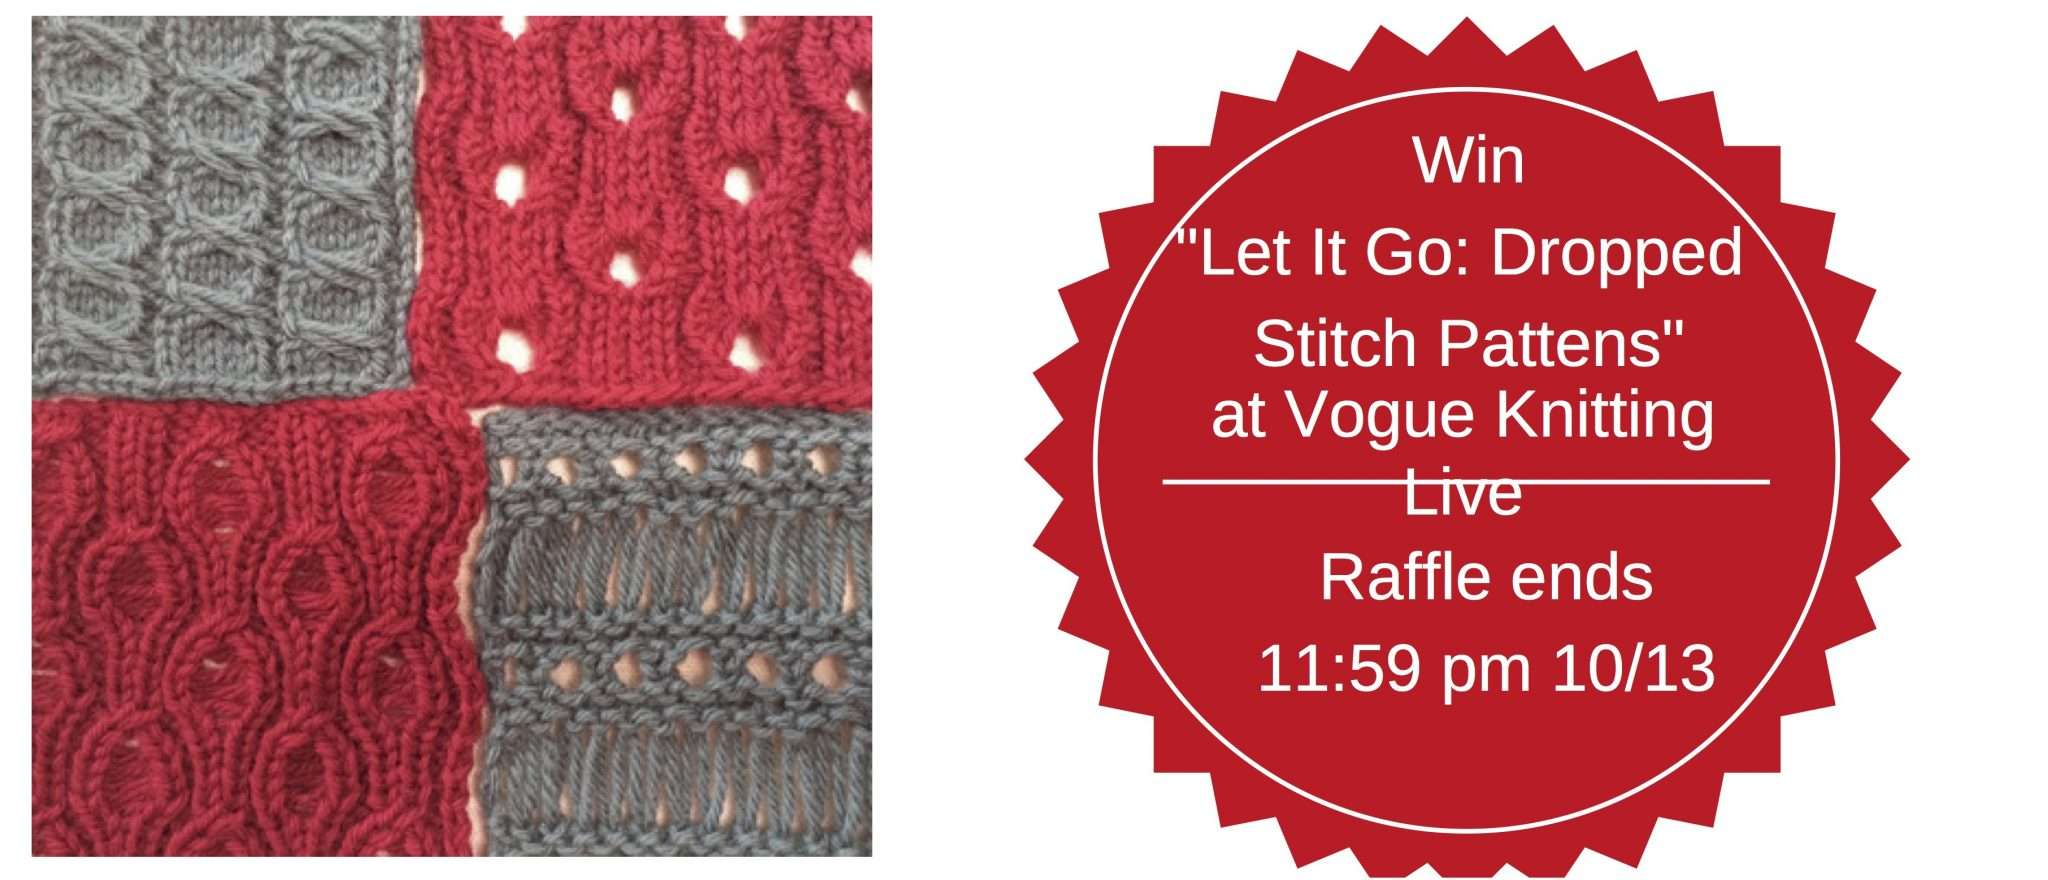 Vogue Knitting Live Class Raffle